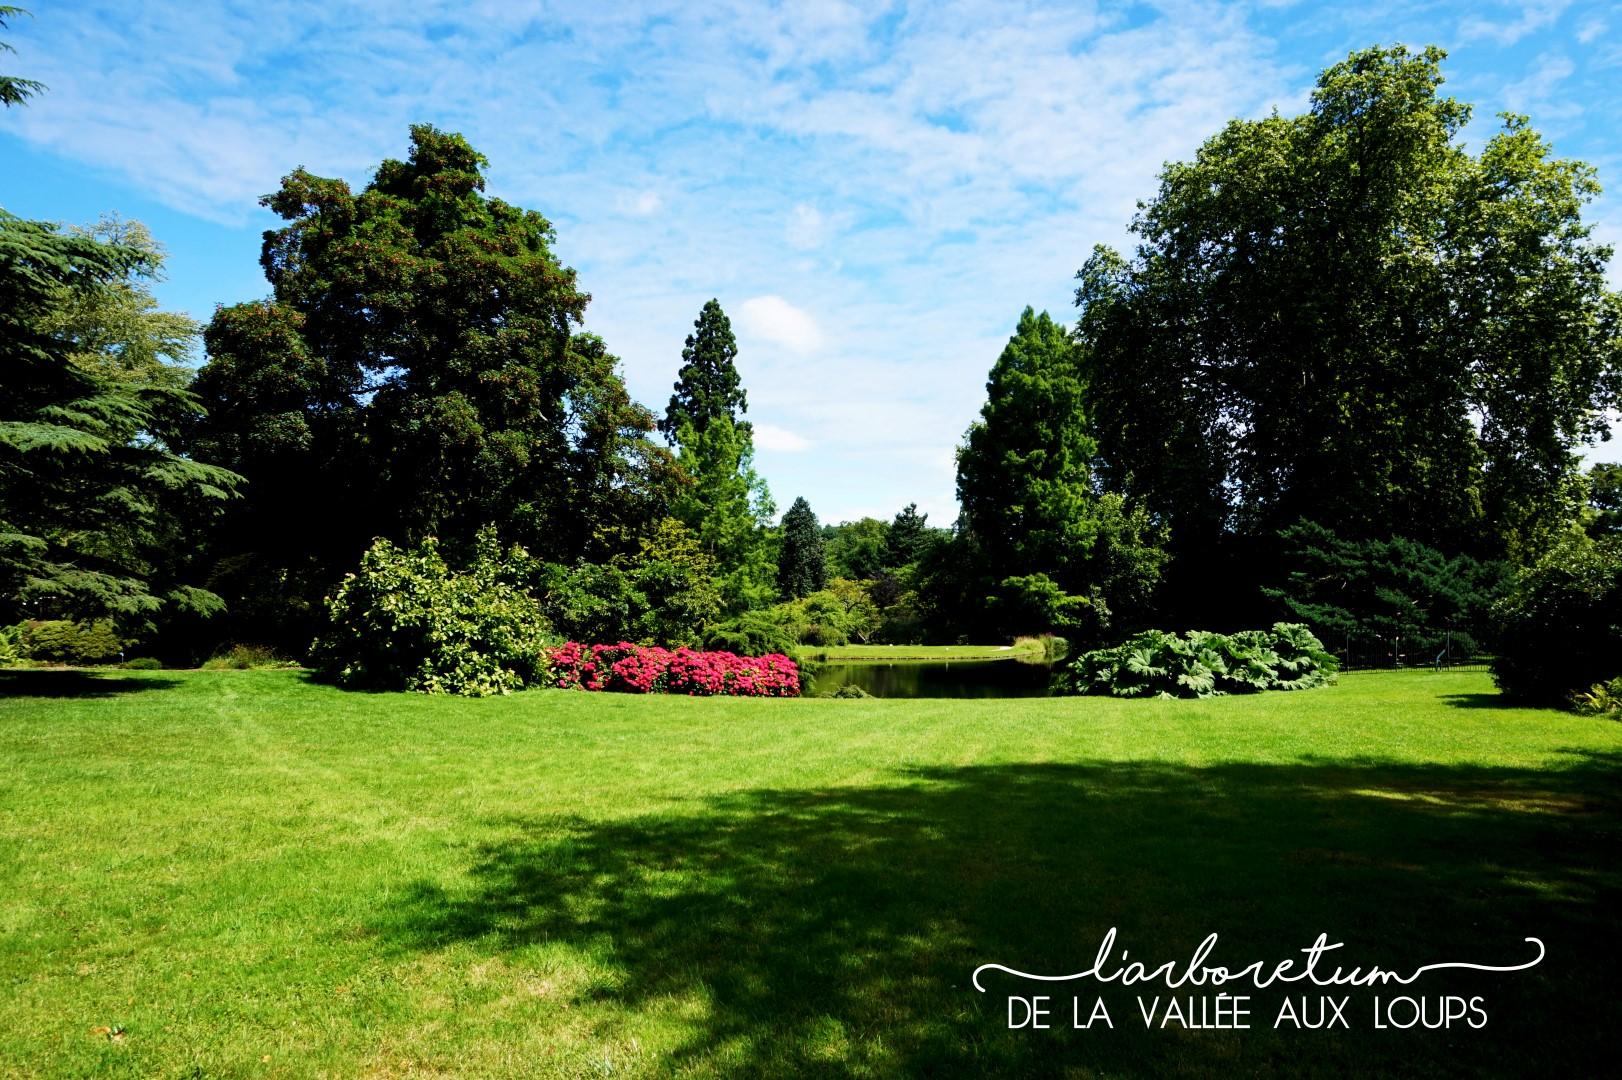 Arboretum - Parc de la Vallée aux Loups